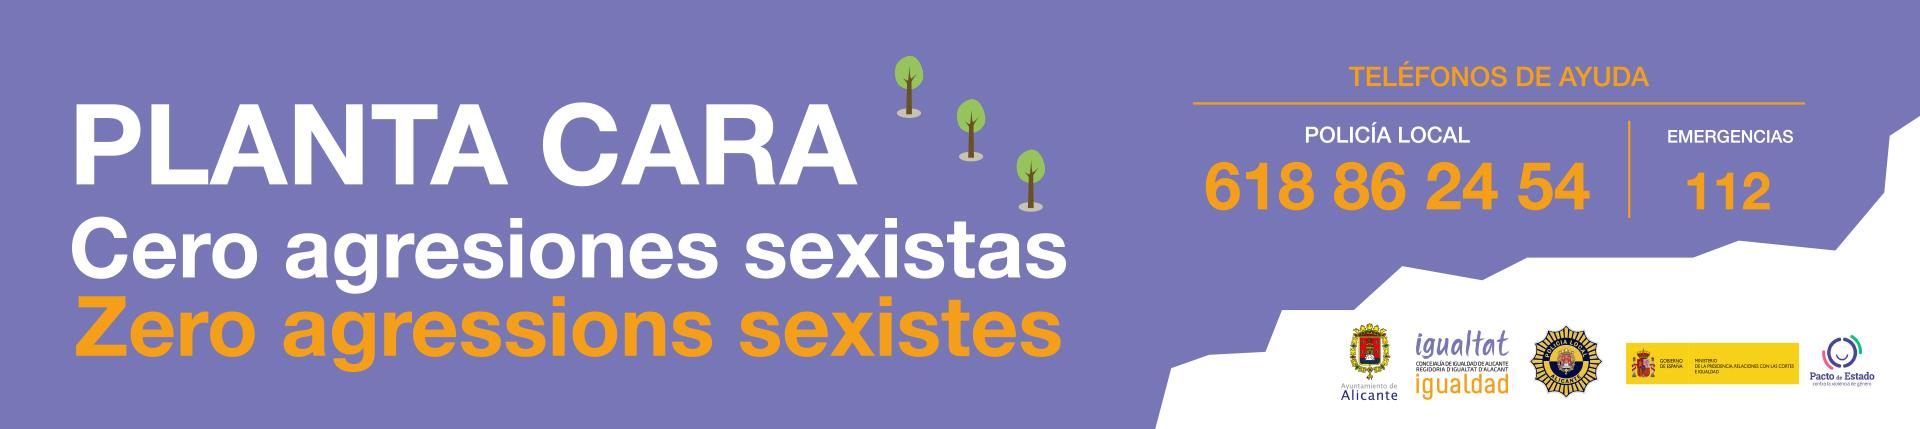 Planta Cara - Cero agresiones sexistas